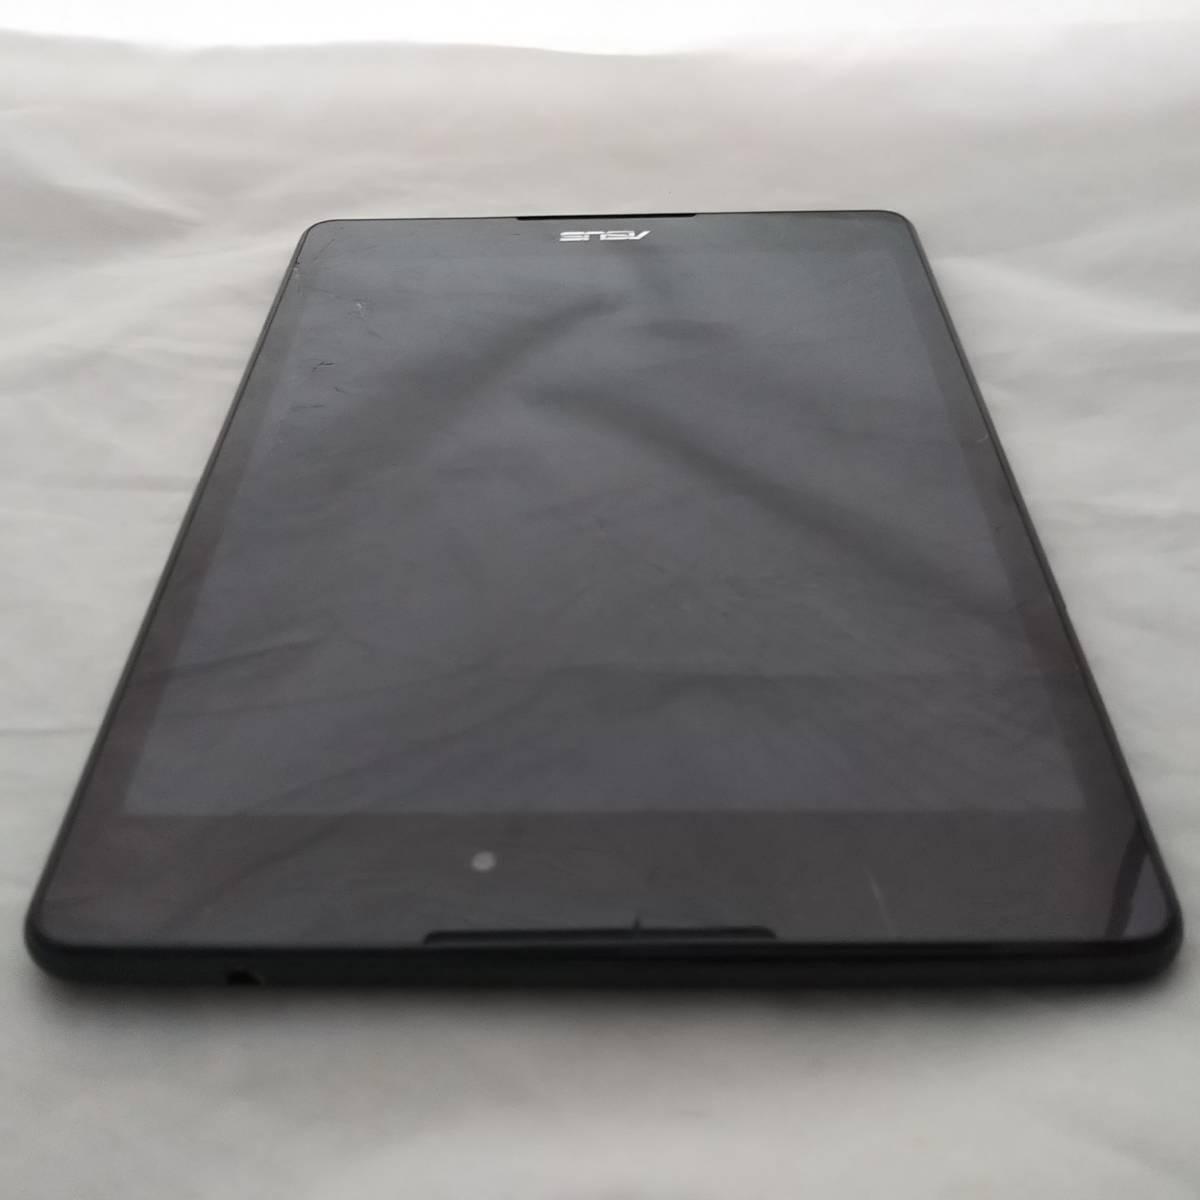 ジャンク ASUS ZenPad 3 8.0 Z581KL P008 SIMフリーモデル タブレット Android 7.0_画像2